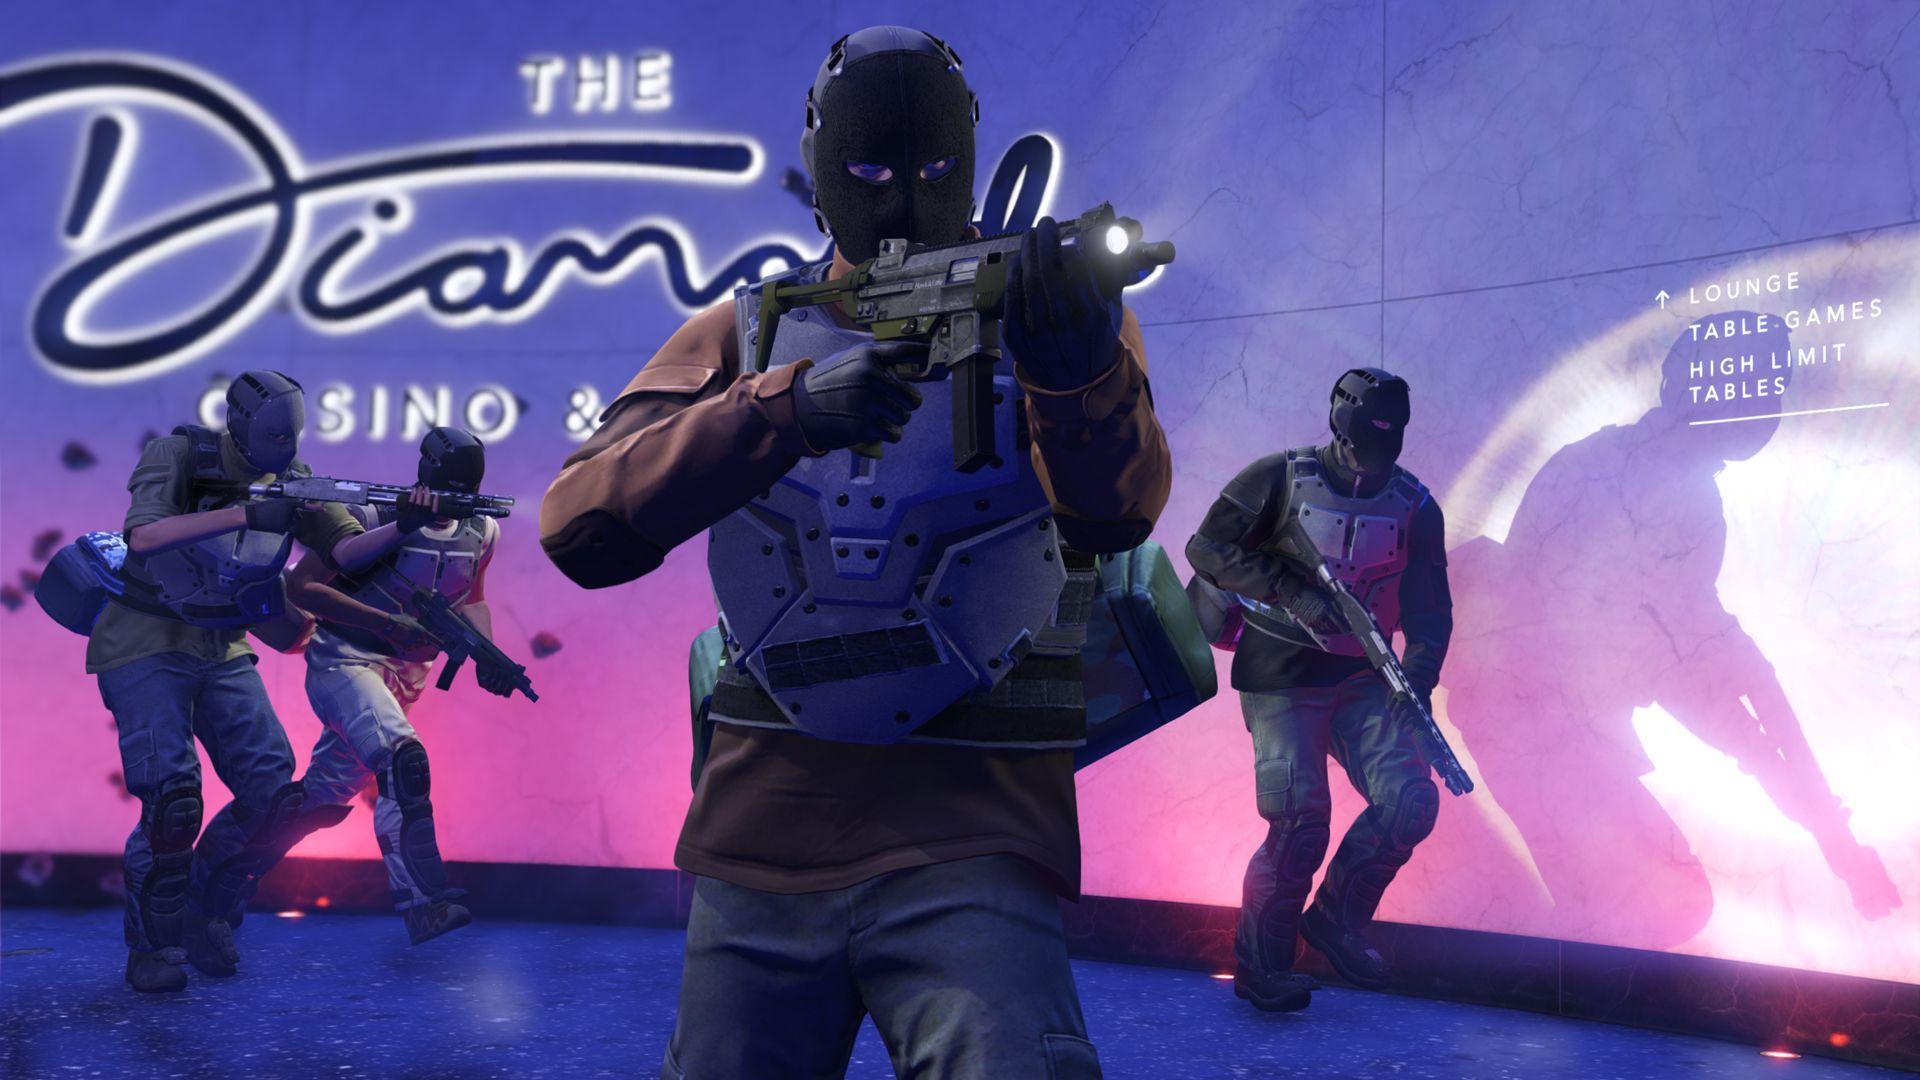 Une arrivée prochaine de la VR pour GTA ?